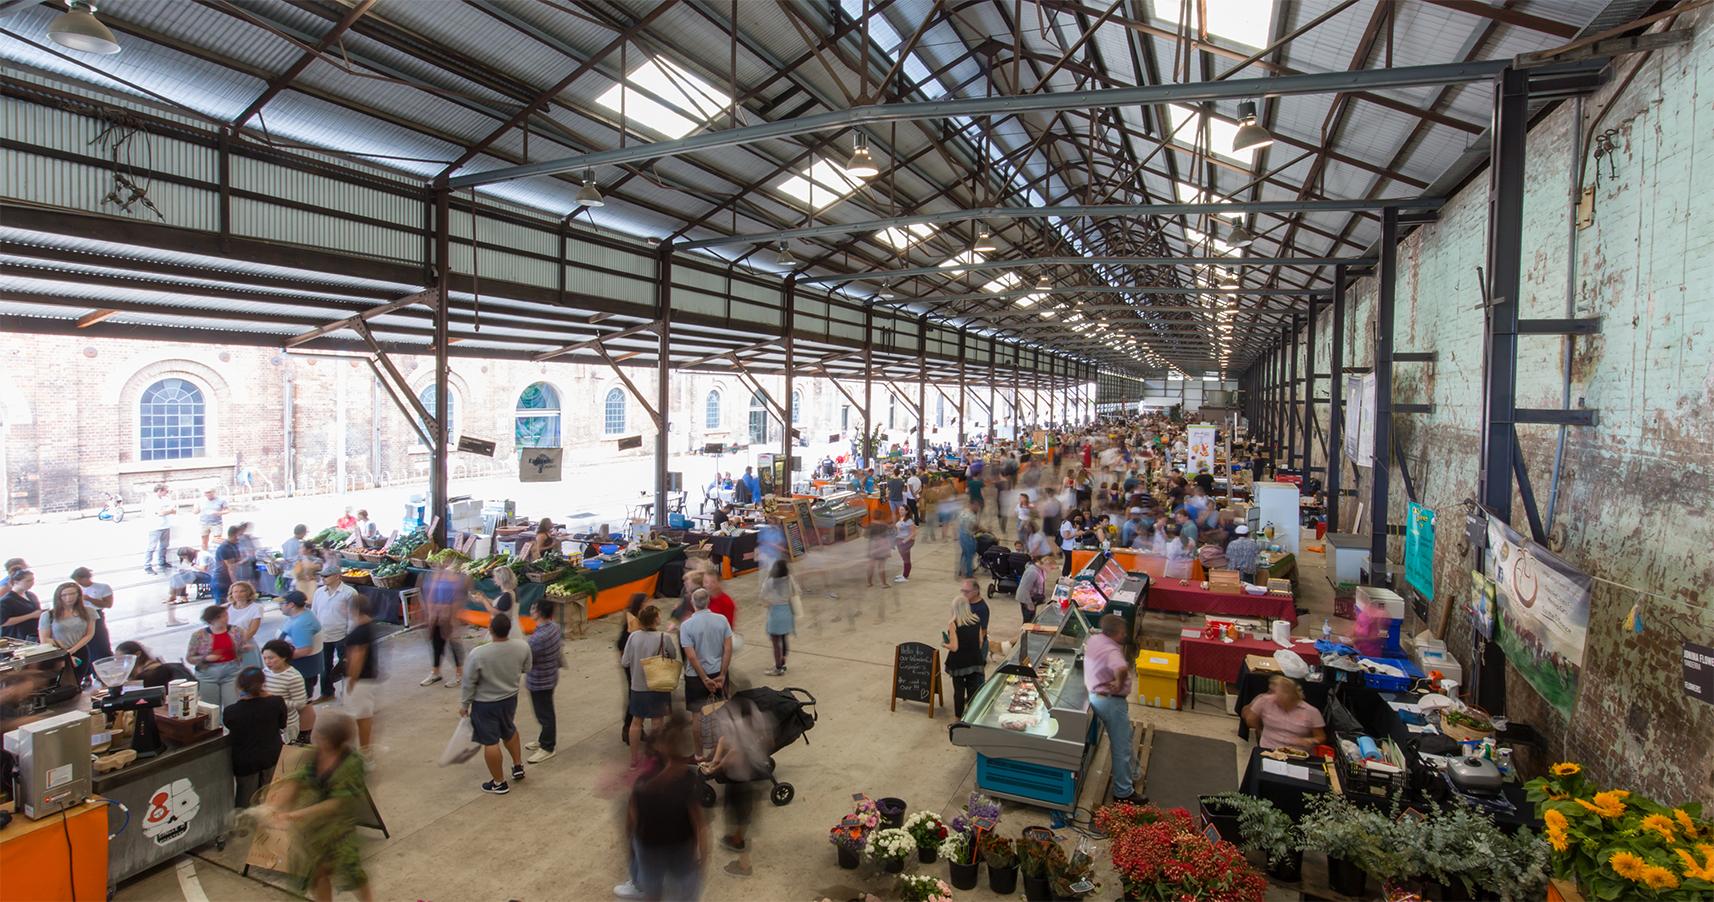 シドニーのフォトジェニックなCARRIAGEWORKS FARMERS MARKET(キャリッジワークス・ファーマーズ・マーケット) | REDFERN